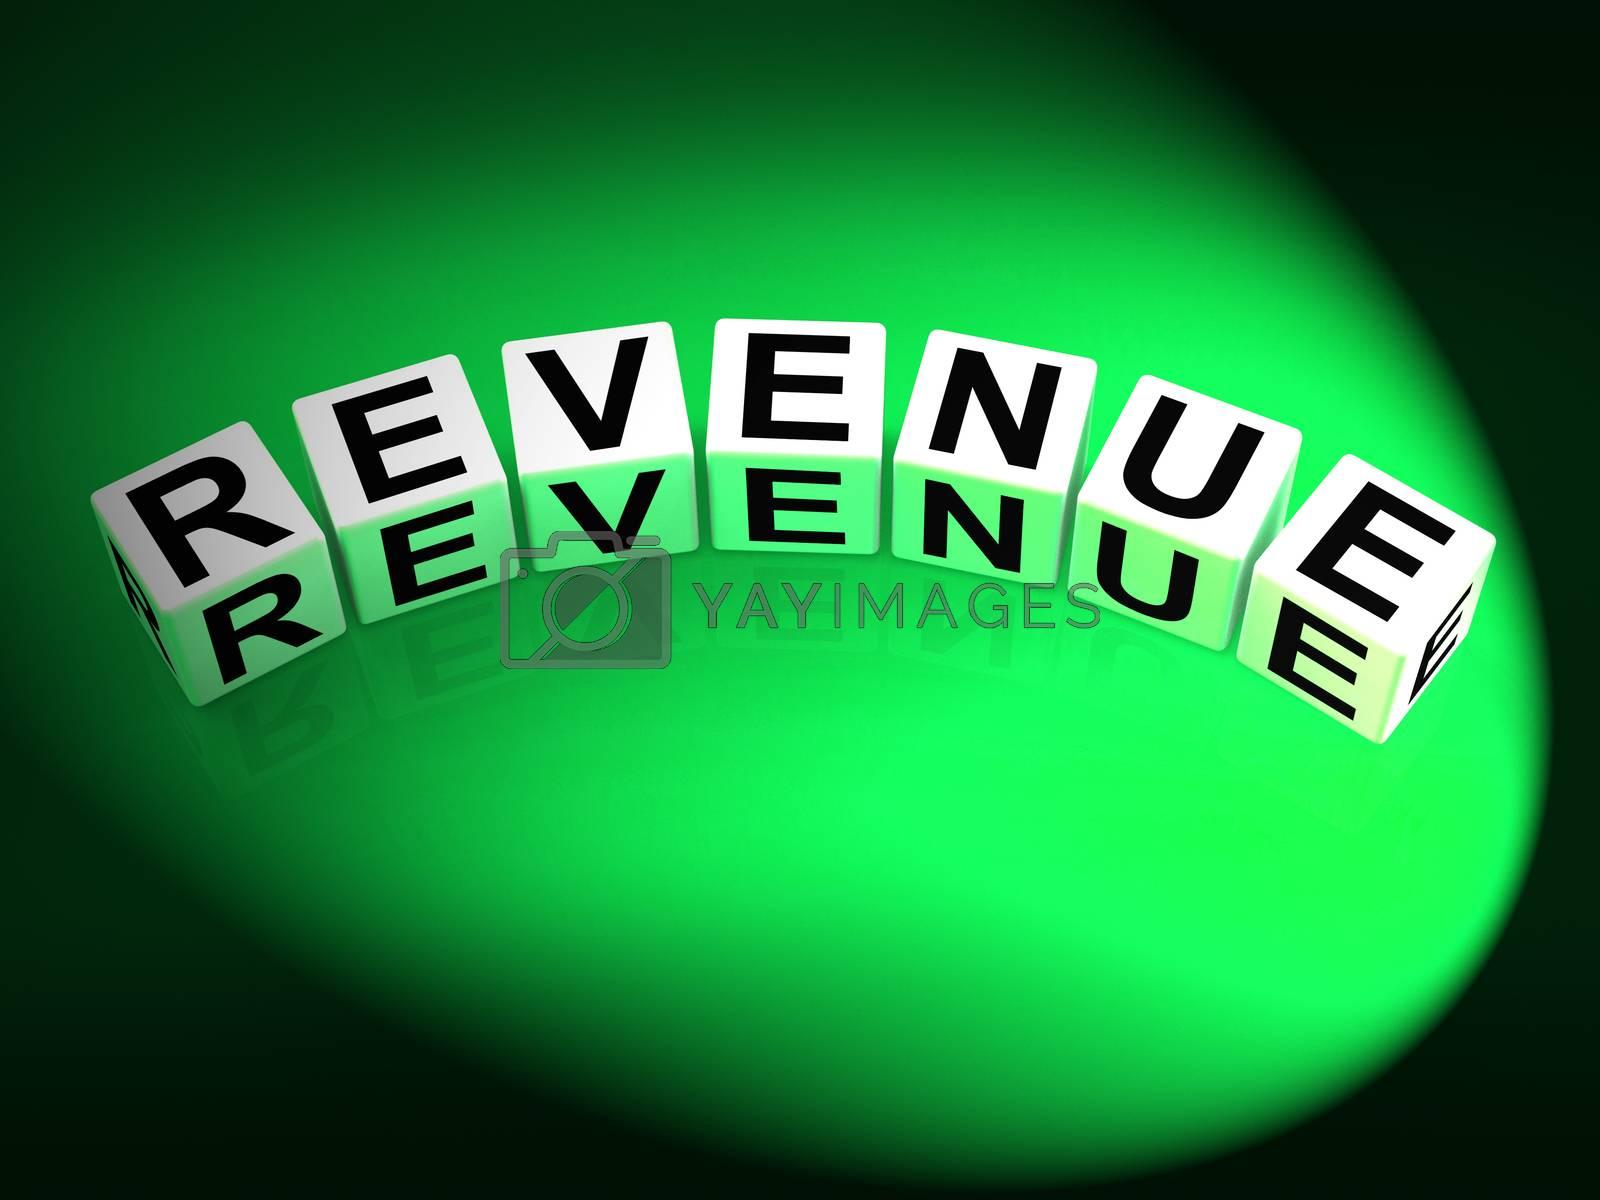 Revenue Dice Mean Finances Revenues and Proceeds by stuartmiles